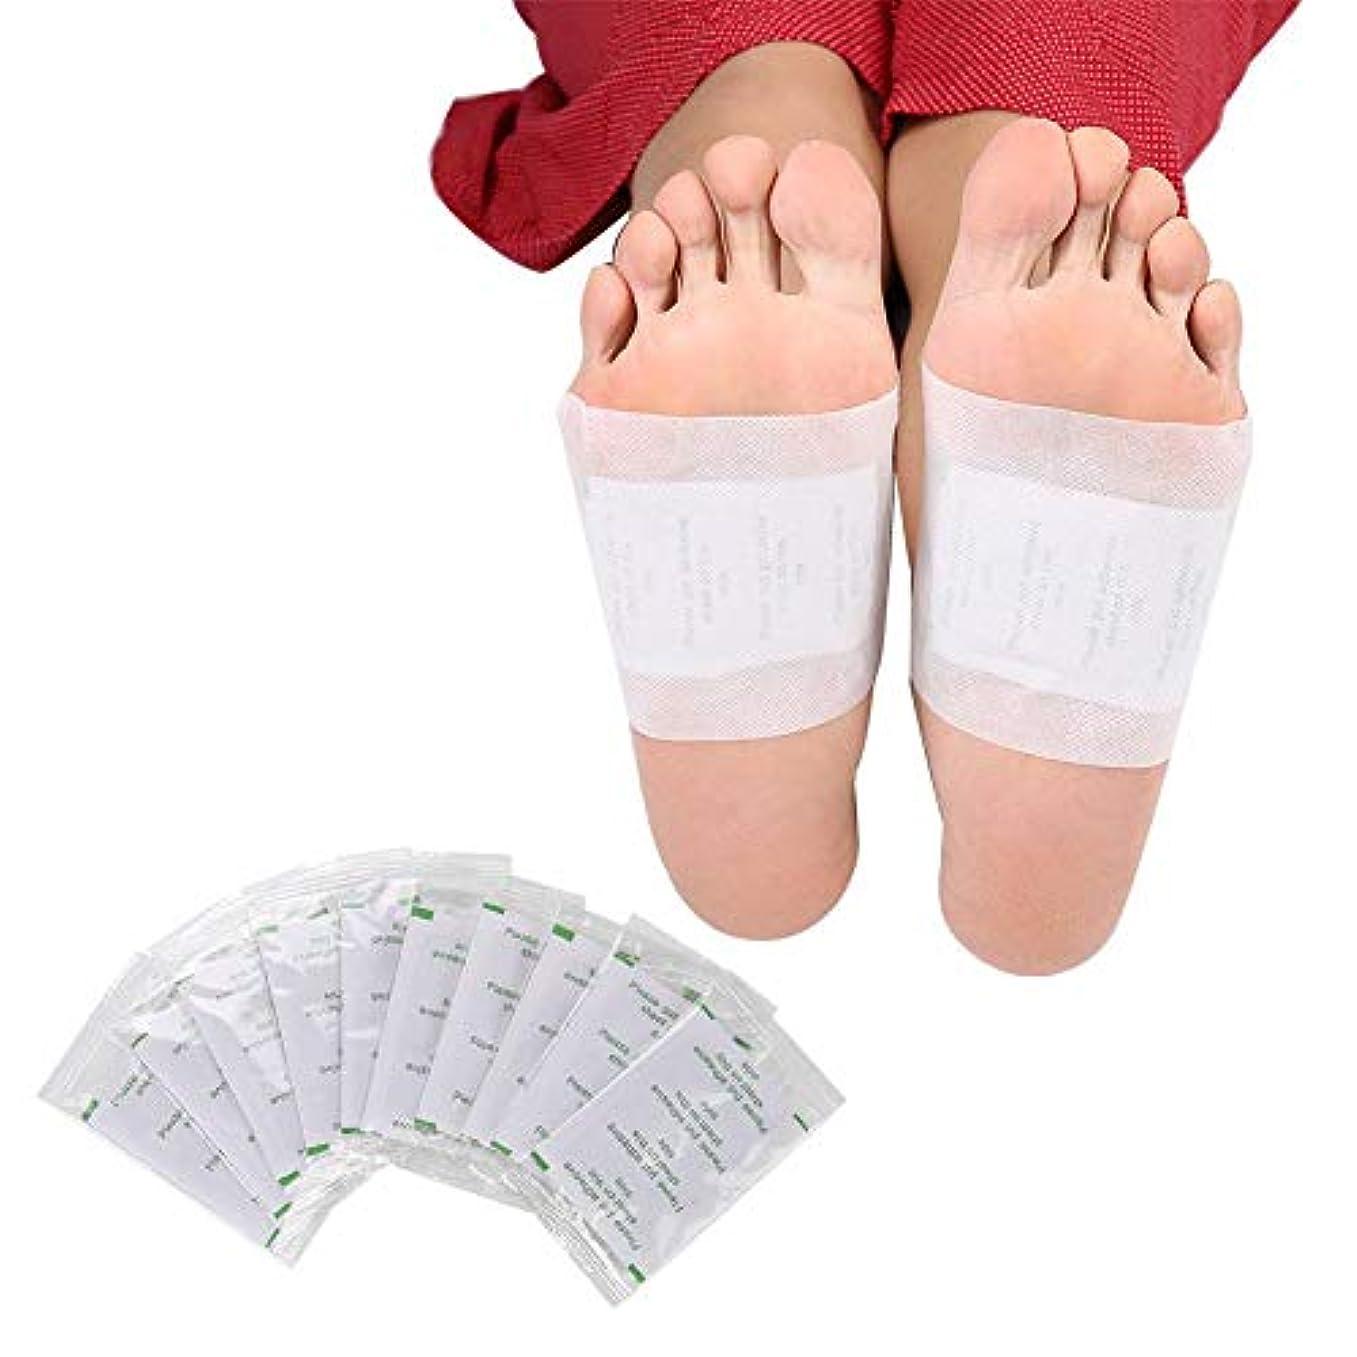 続ける関連付ける懇願するボディデトックスフットパッチ、女性と男性の看護の足に最適なヘルスケアフット接着パッド除去毒素ストレス回復